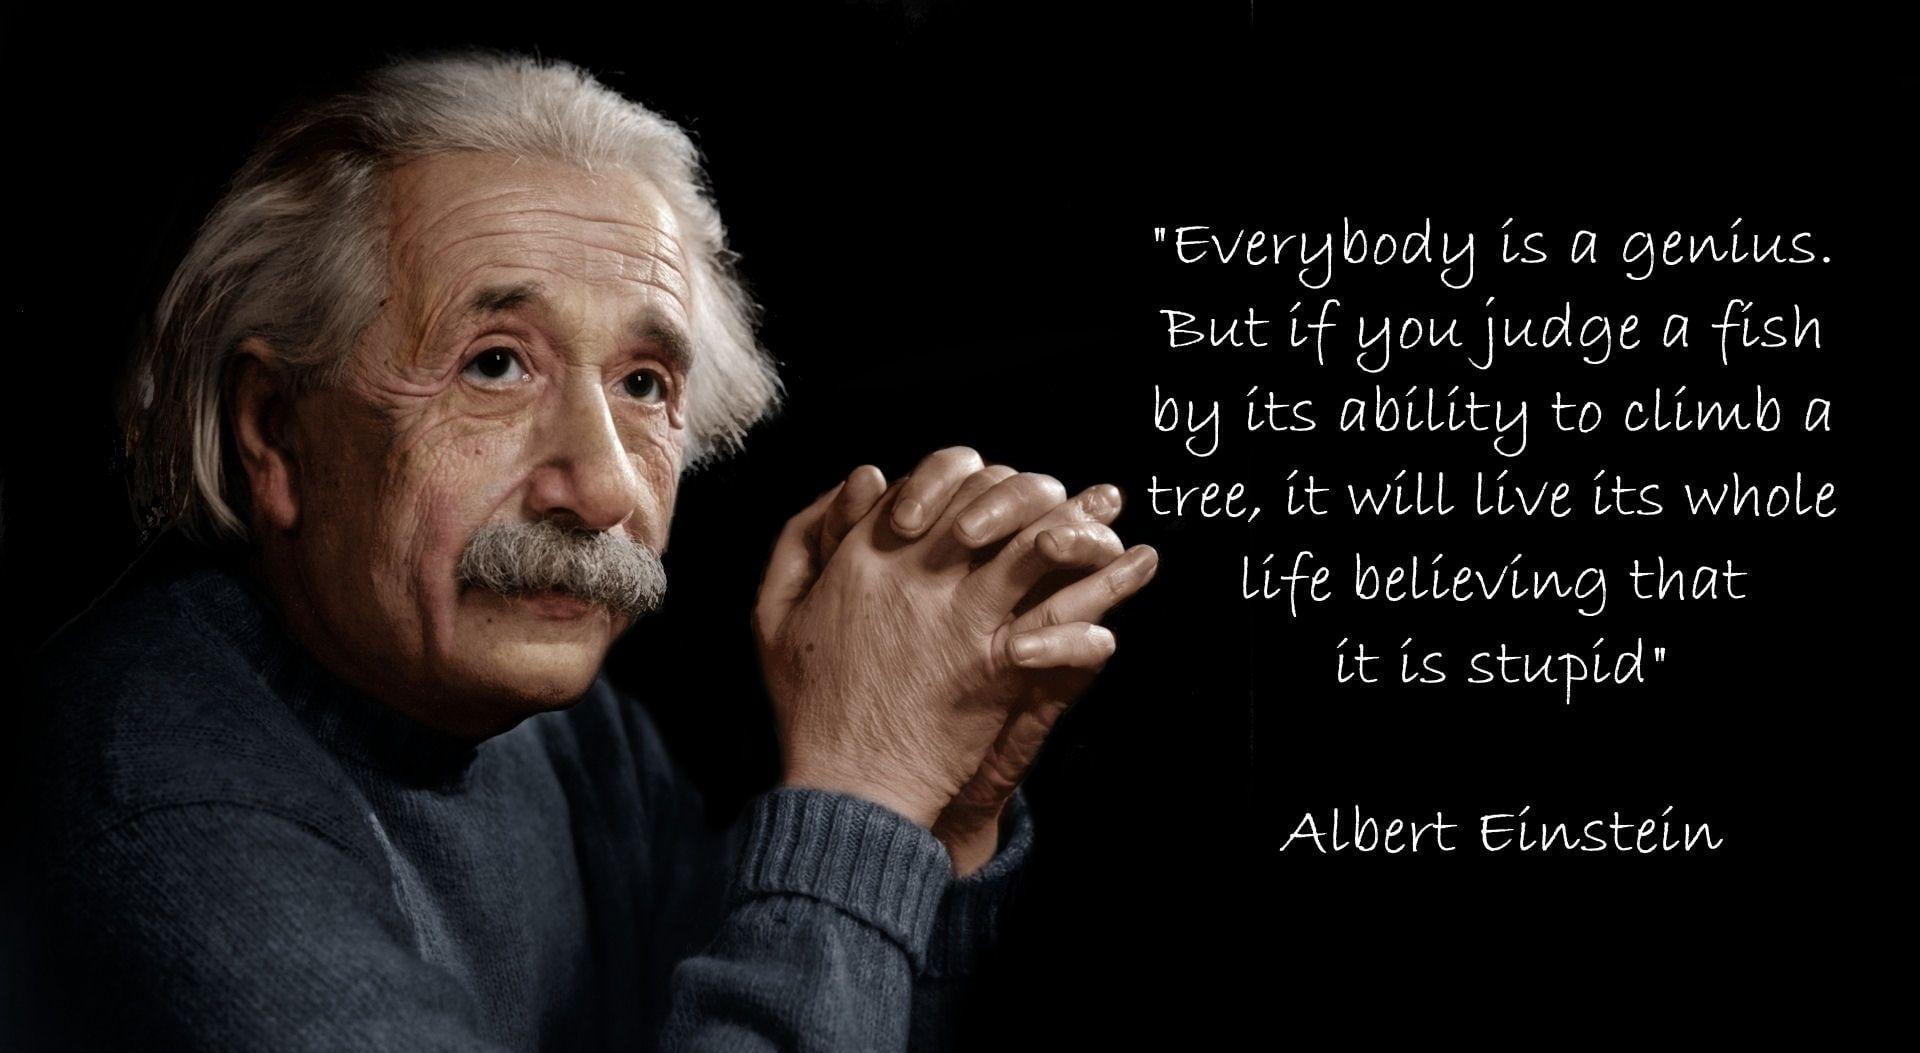 Albert Einstein Hd Wallpaper Albert Einstein With Quote Text Overlay Artistic Typography 1080p Wallpaper Hdwallp Einstein Einstein Quotes Albert Einstein